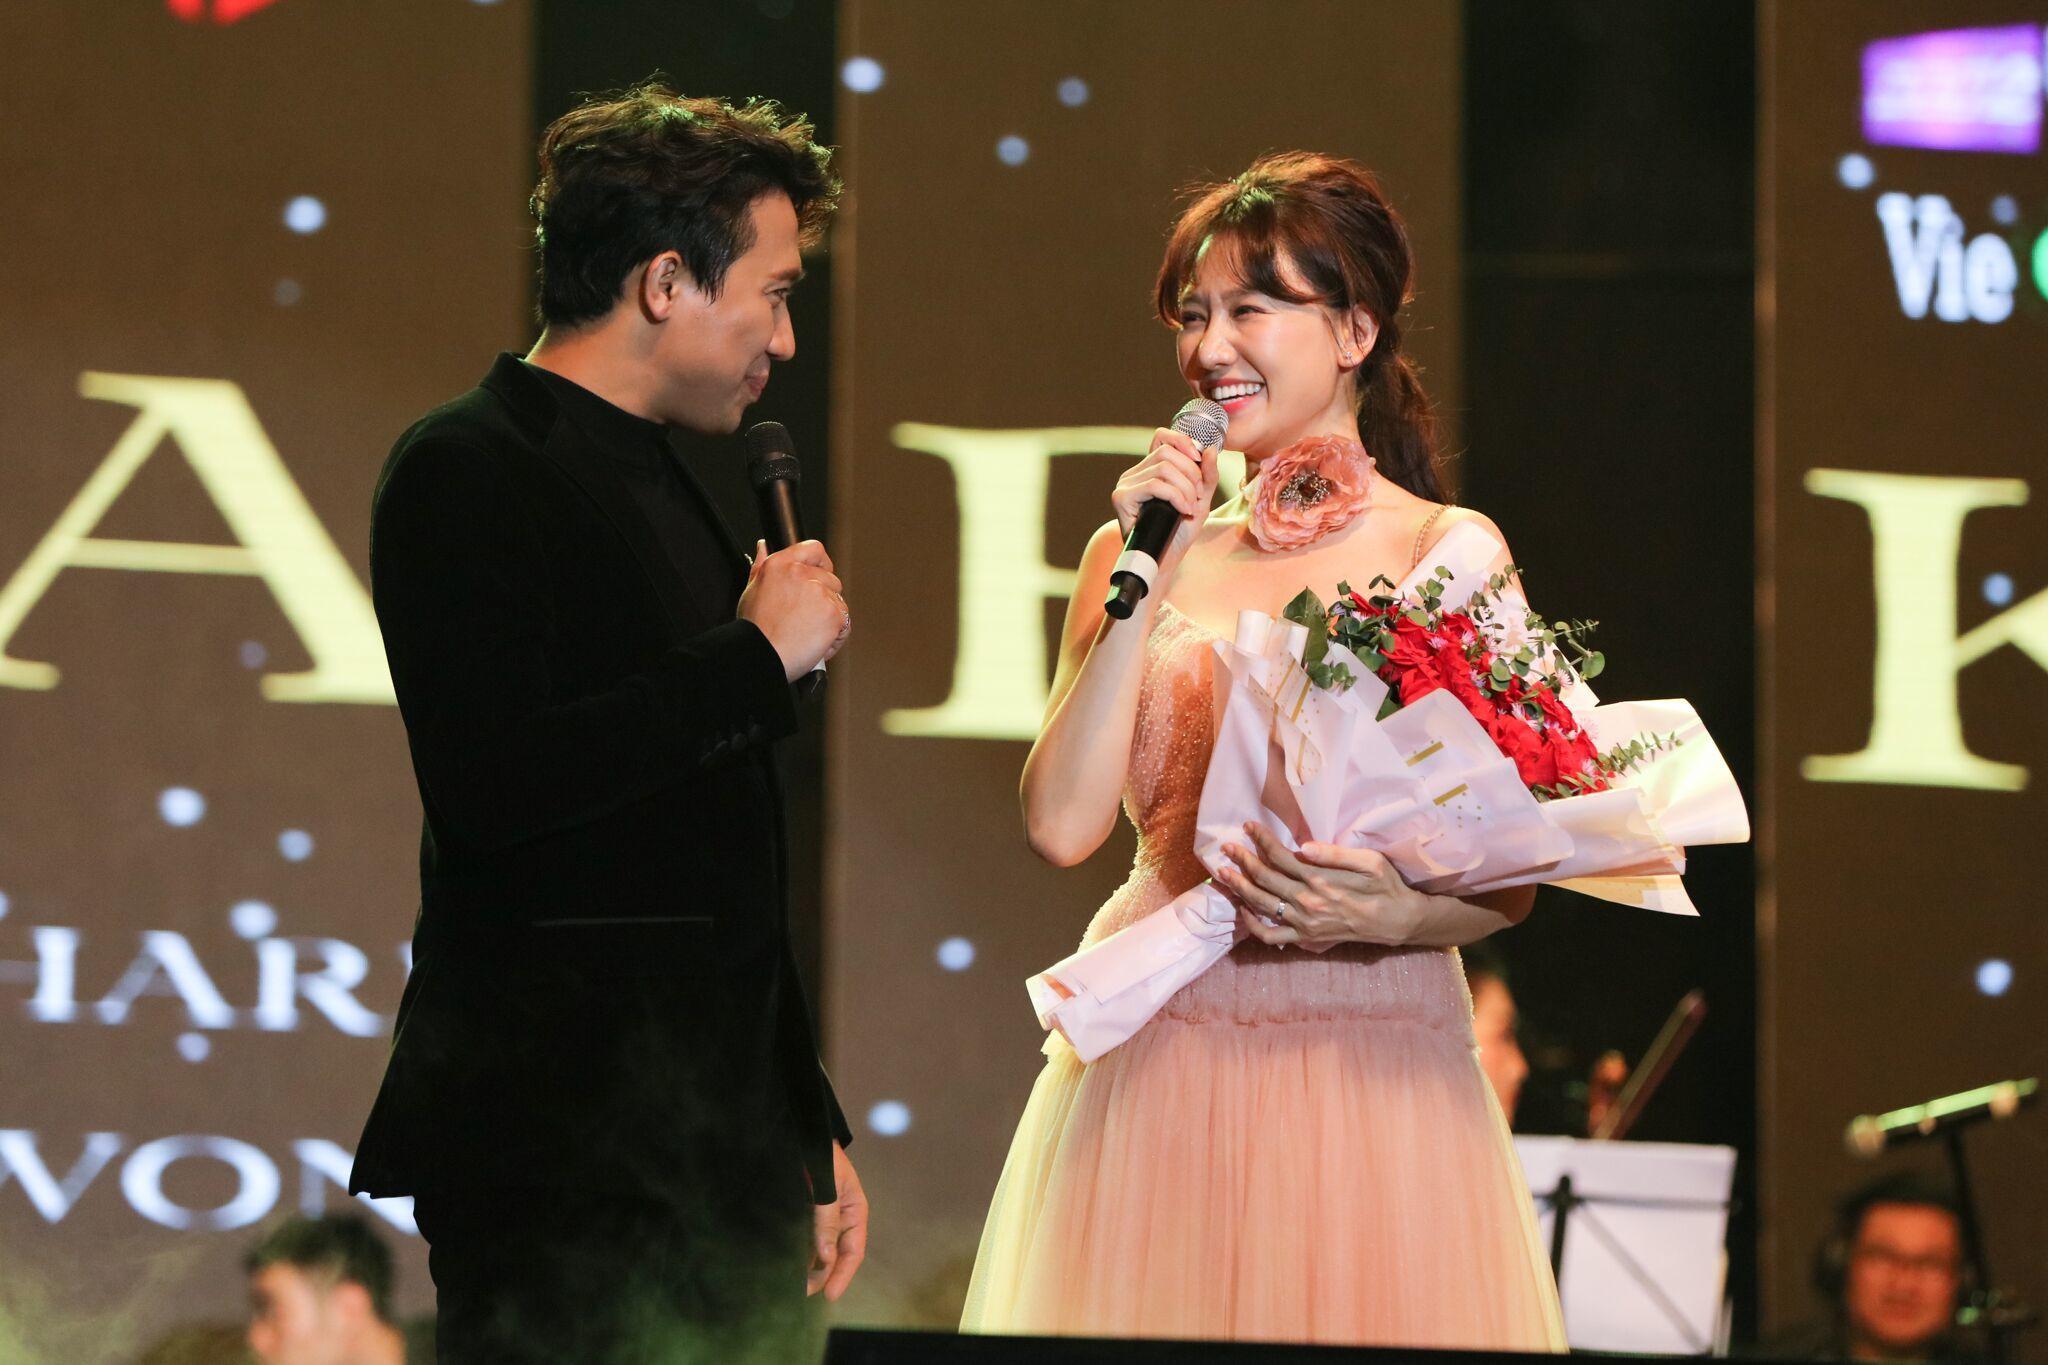 So Hyang,Trấn Thành,Hari Won,Hồ Ngọc Hà,Khánh Hà,Hà Trần,Tuấn Ngọc